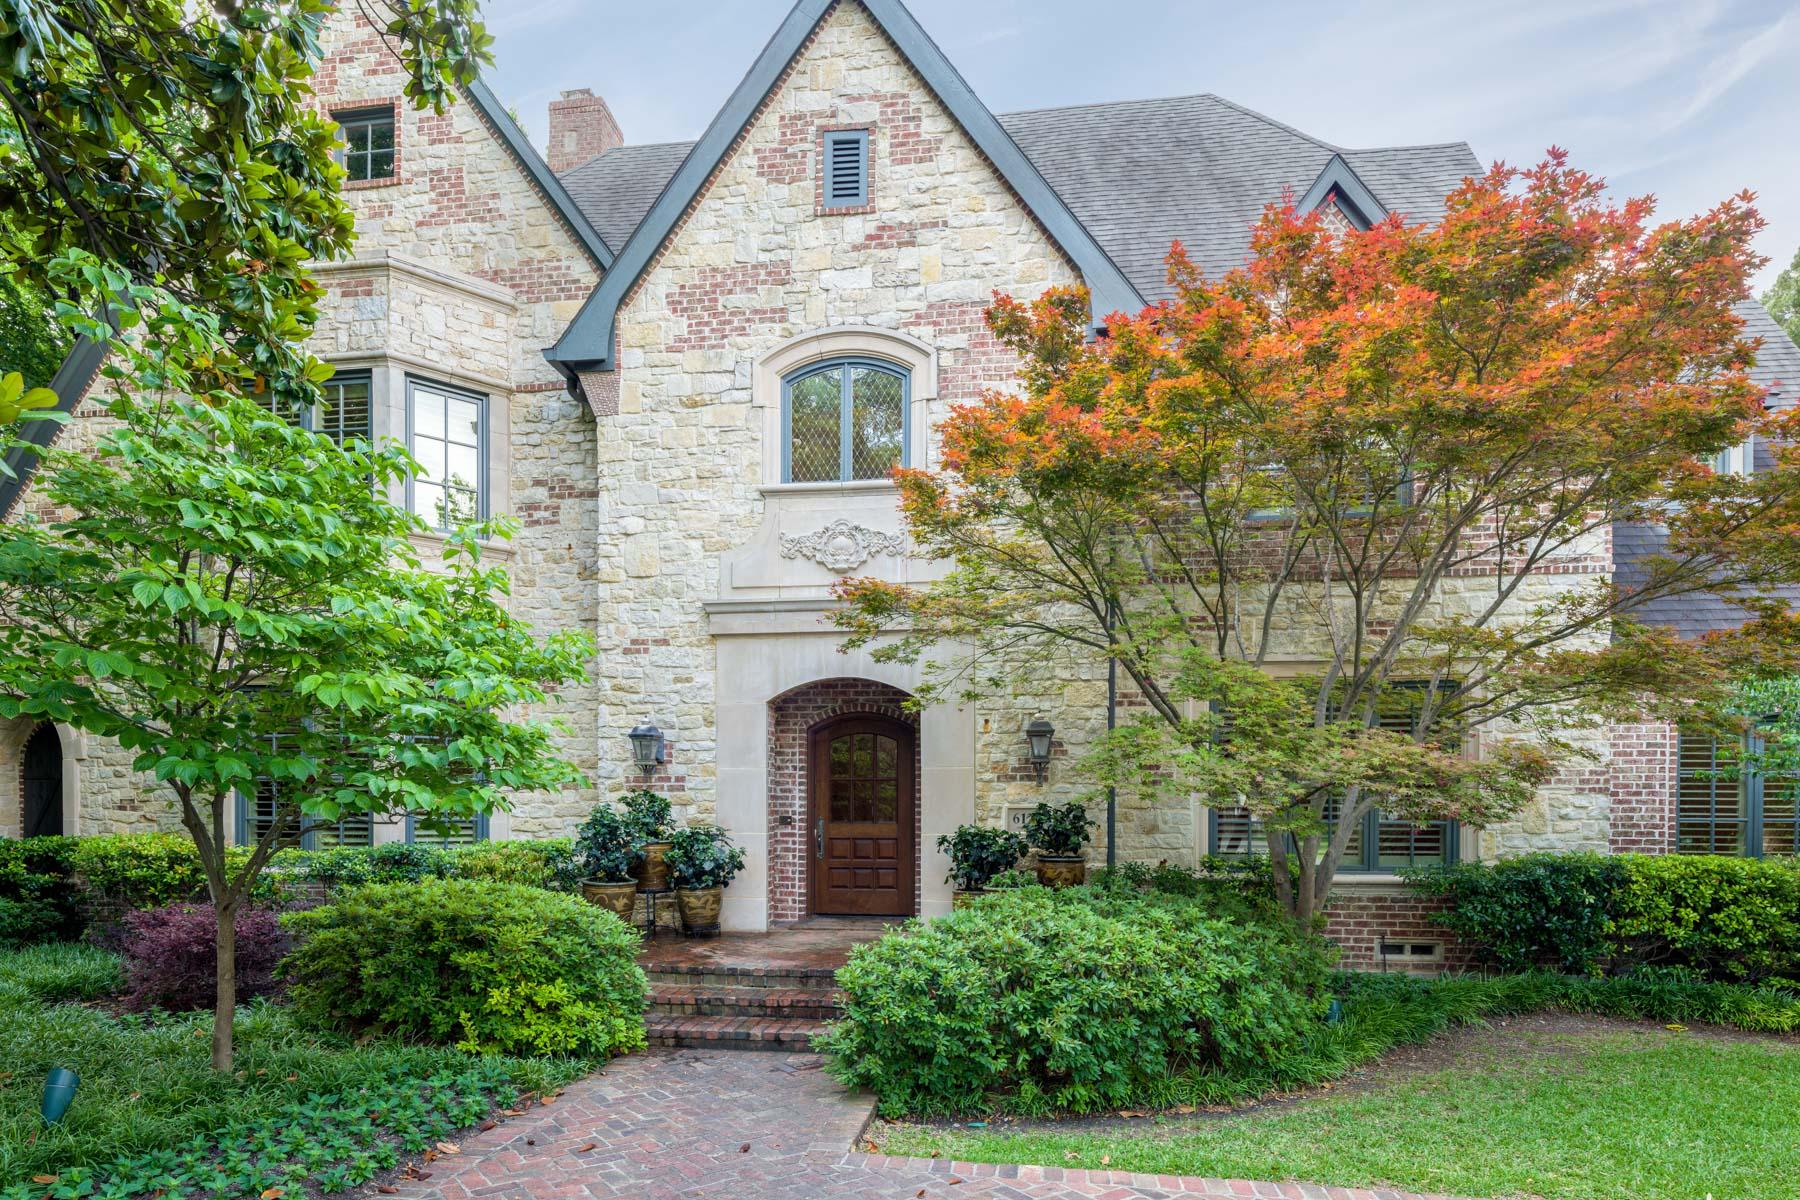 Single Family Home for Sale at Privacy in Preston Hollow 6122 Desco Dr Dallas, Texas, 75225 United States